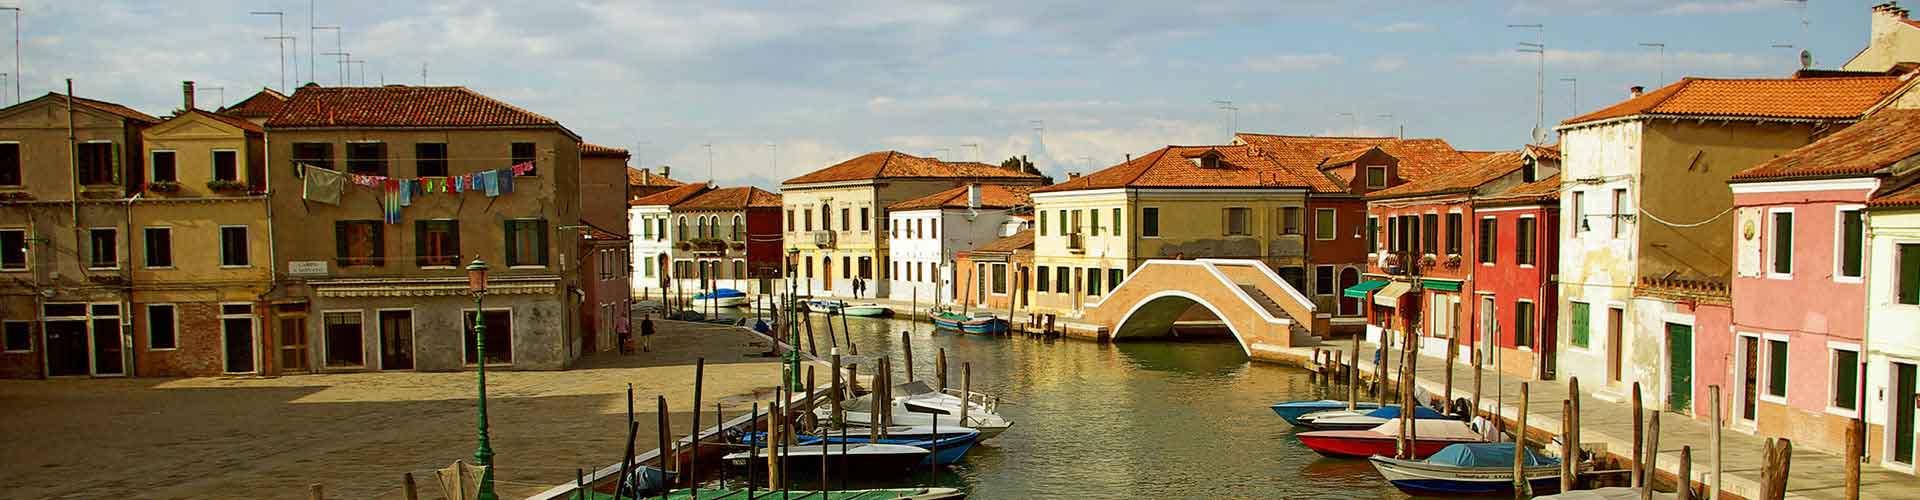 Veneza Mestre – Albergues em Veneza Mestre. Mapas para Veneza Mestre, Fotos e Avaliações para cada Albergue em Veneza Mestre.